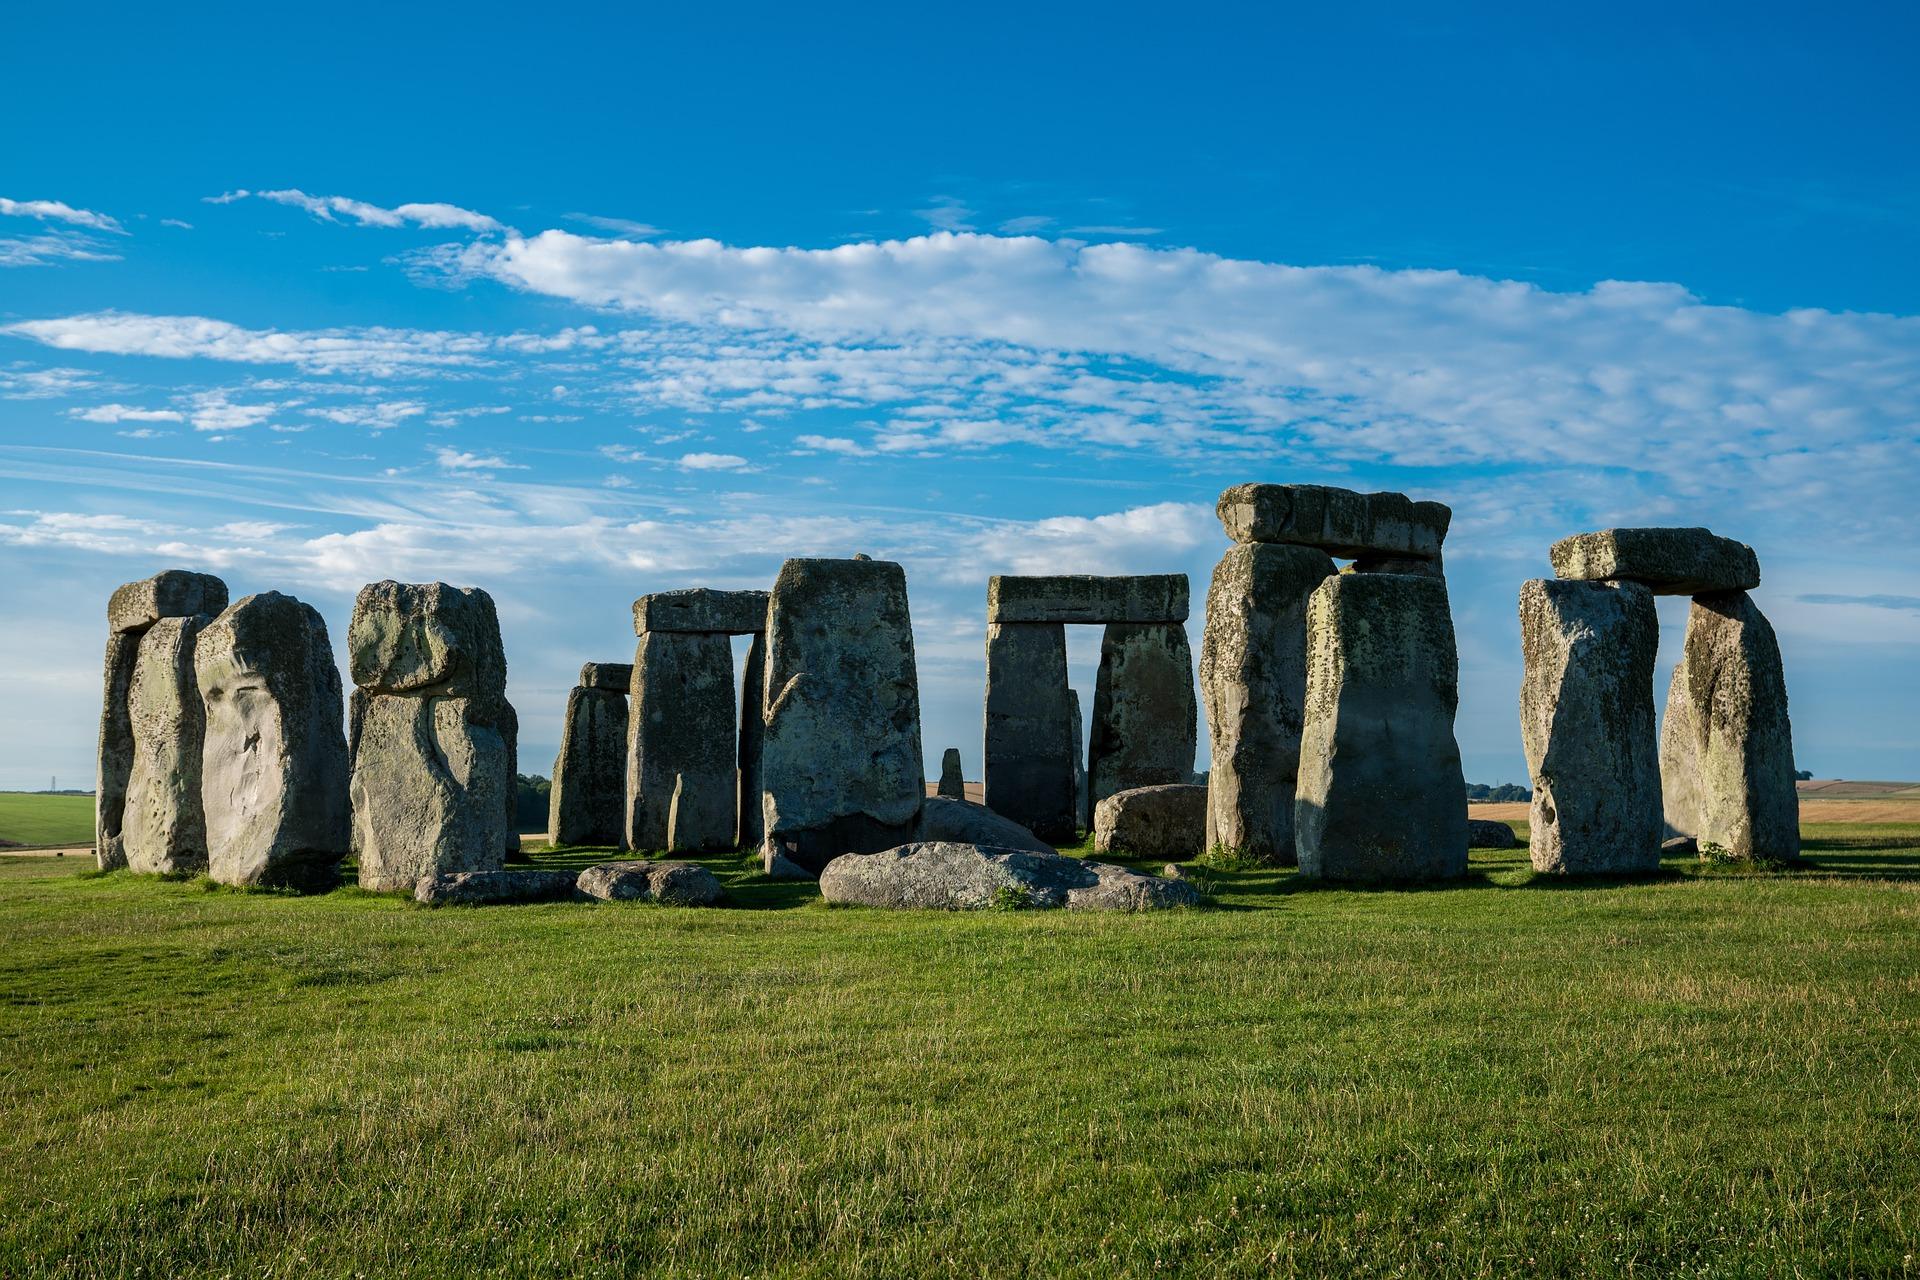 stonehenge-3186462_1920